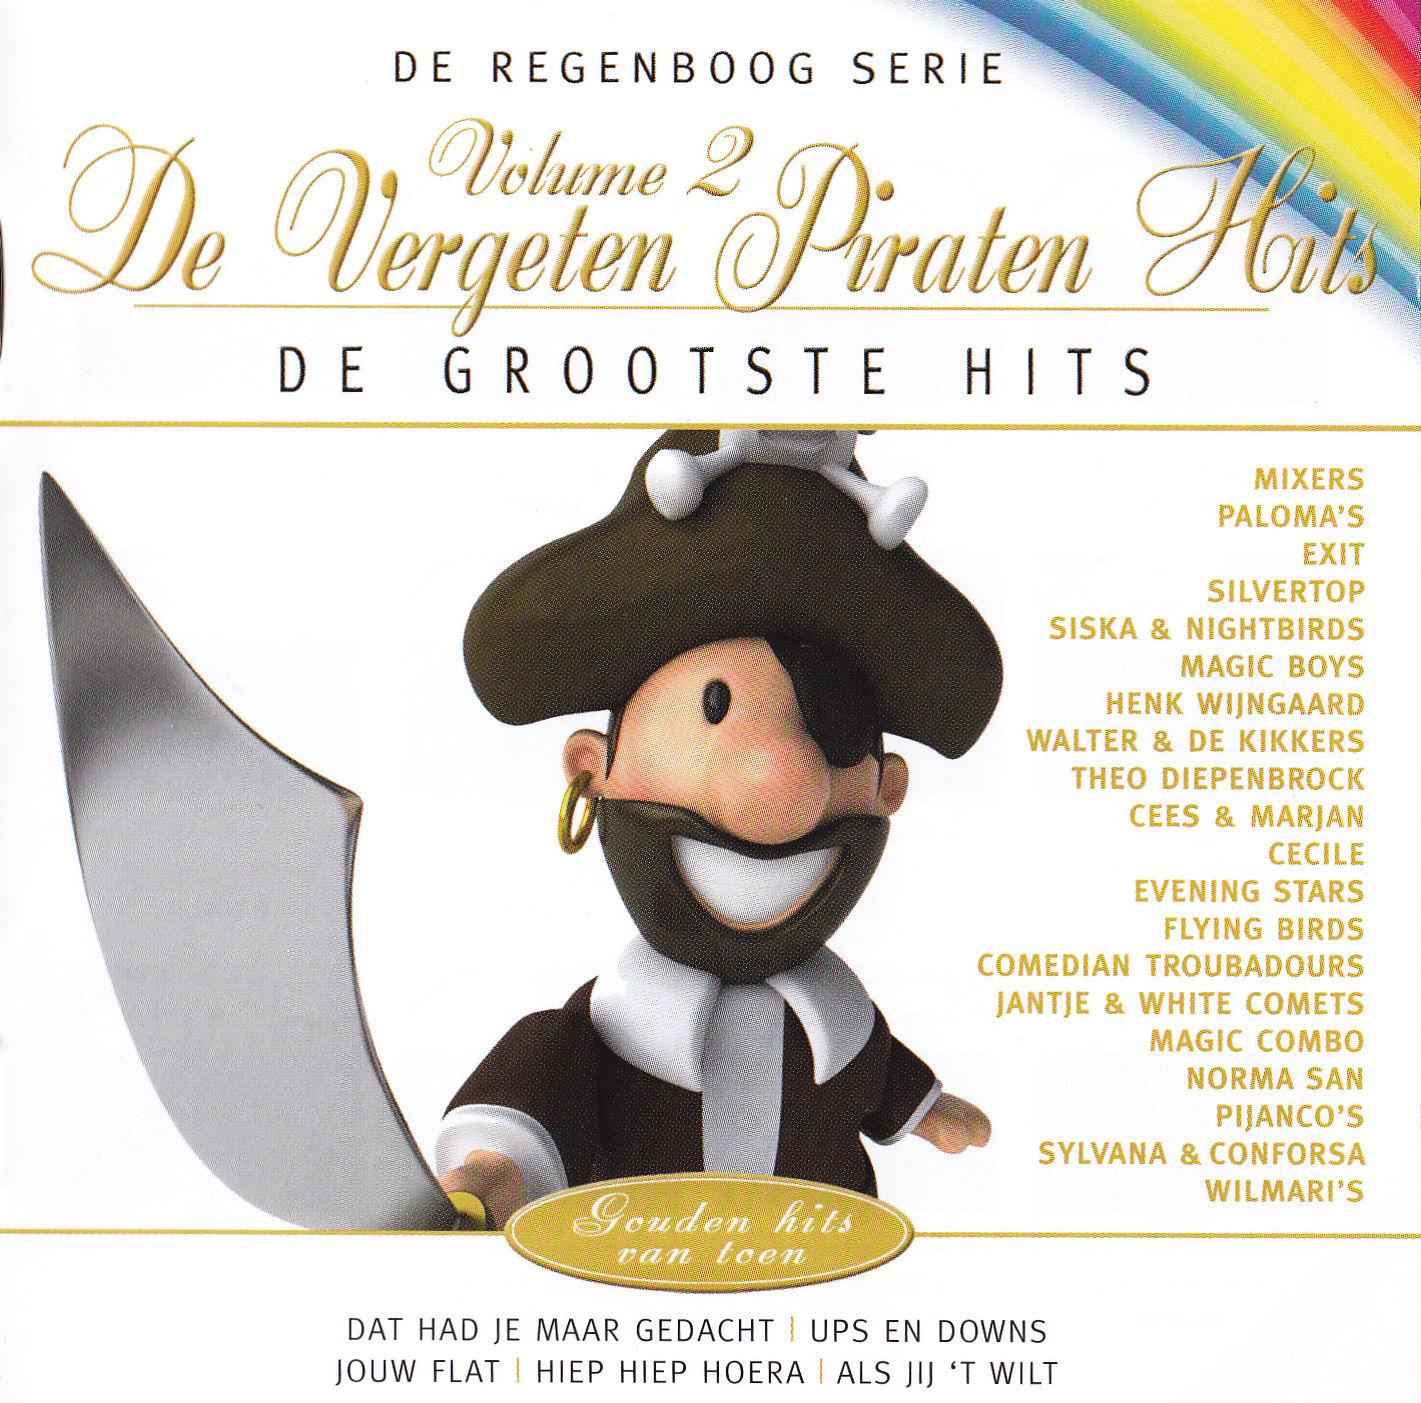 http://2.bp.blogspot.com/_YWsuWJRyHDo/TE0dAIhyzcI/AAAAAAAAA3A/did0_PrOY_Q/s1600/De+Regenboog+Serie+-+De+Vergeten+Piraten+Hits+Vol+2+(2010)+Front.jpg